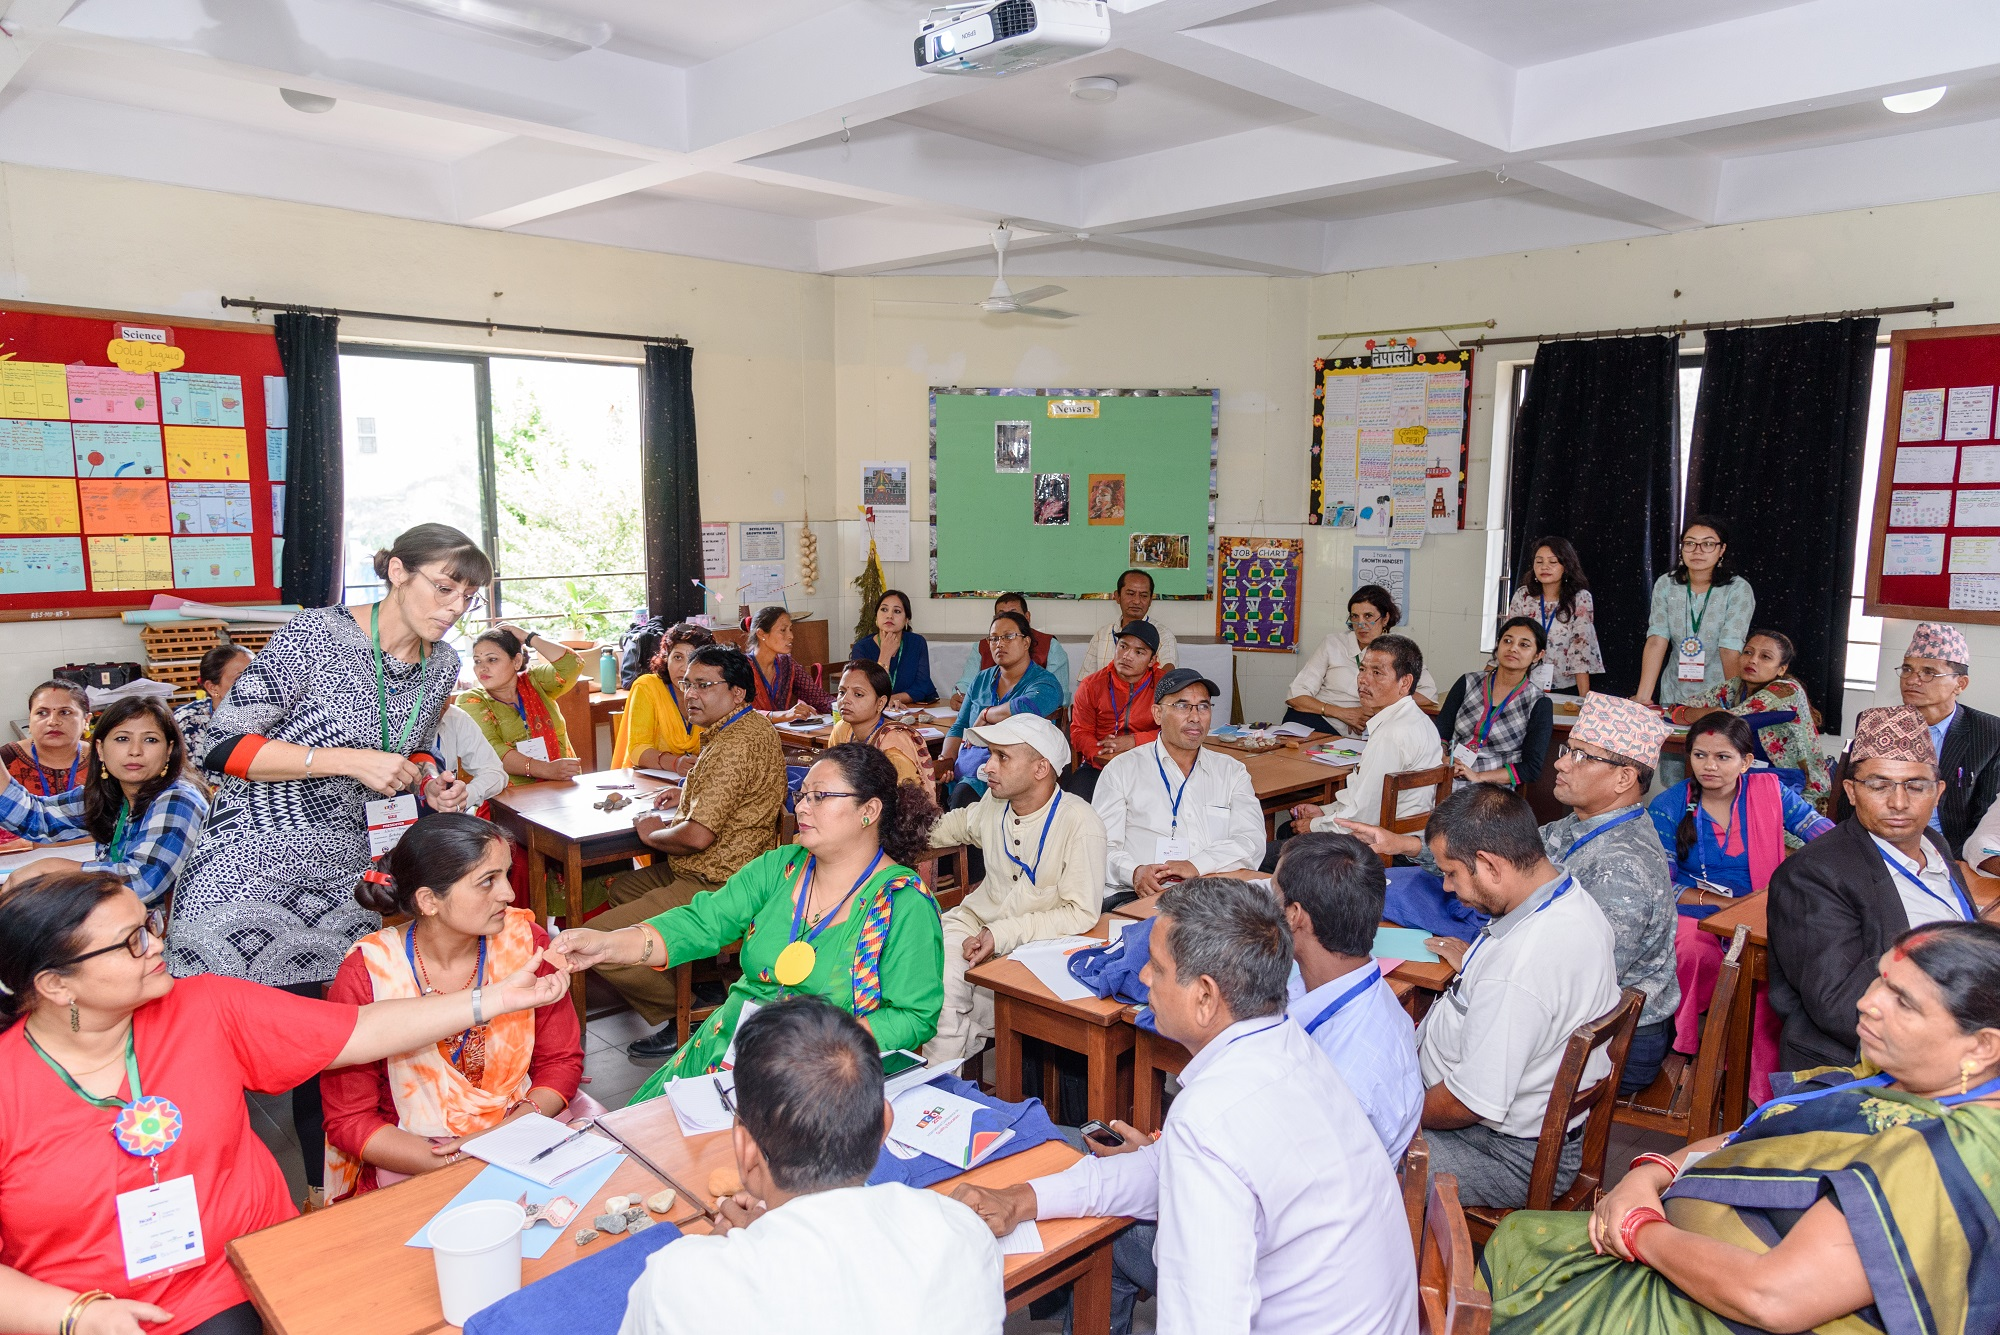 'विज्ञान प्रविधि अन्तर्राष्ट्रिय युवा सम्मेलन' कात्तिकमा